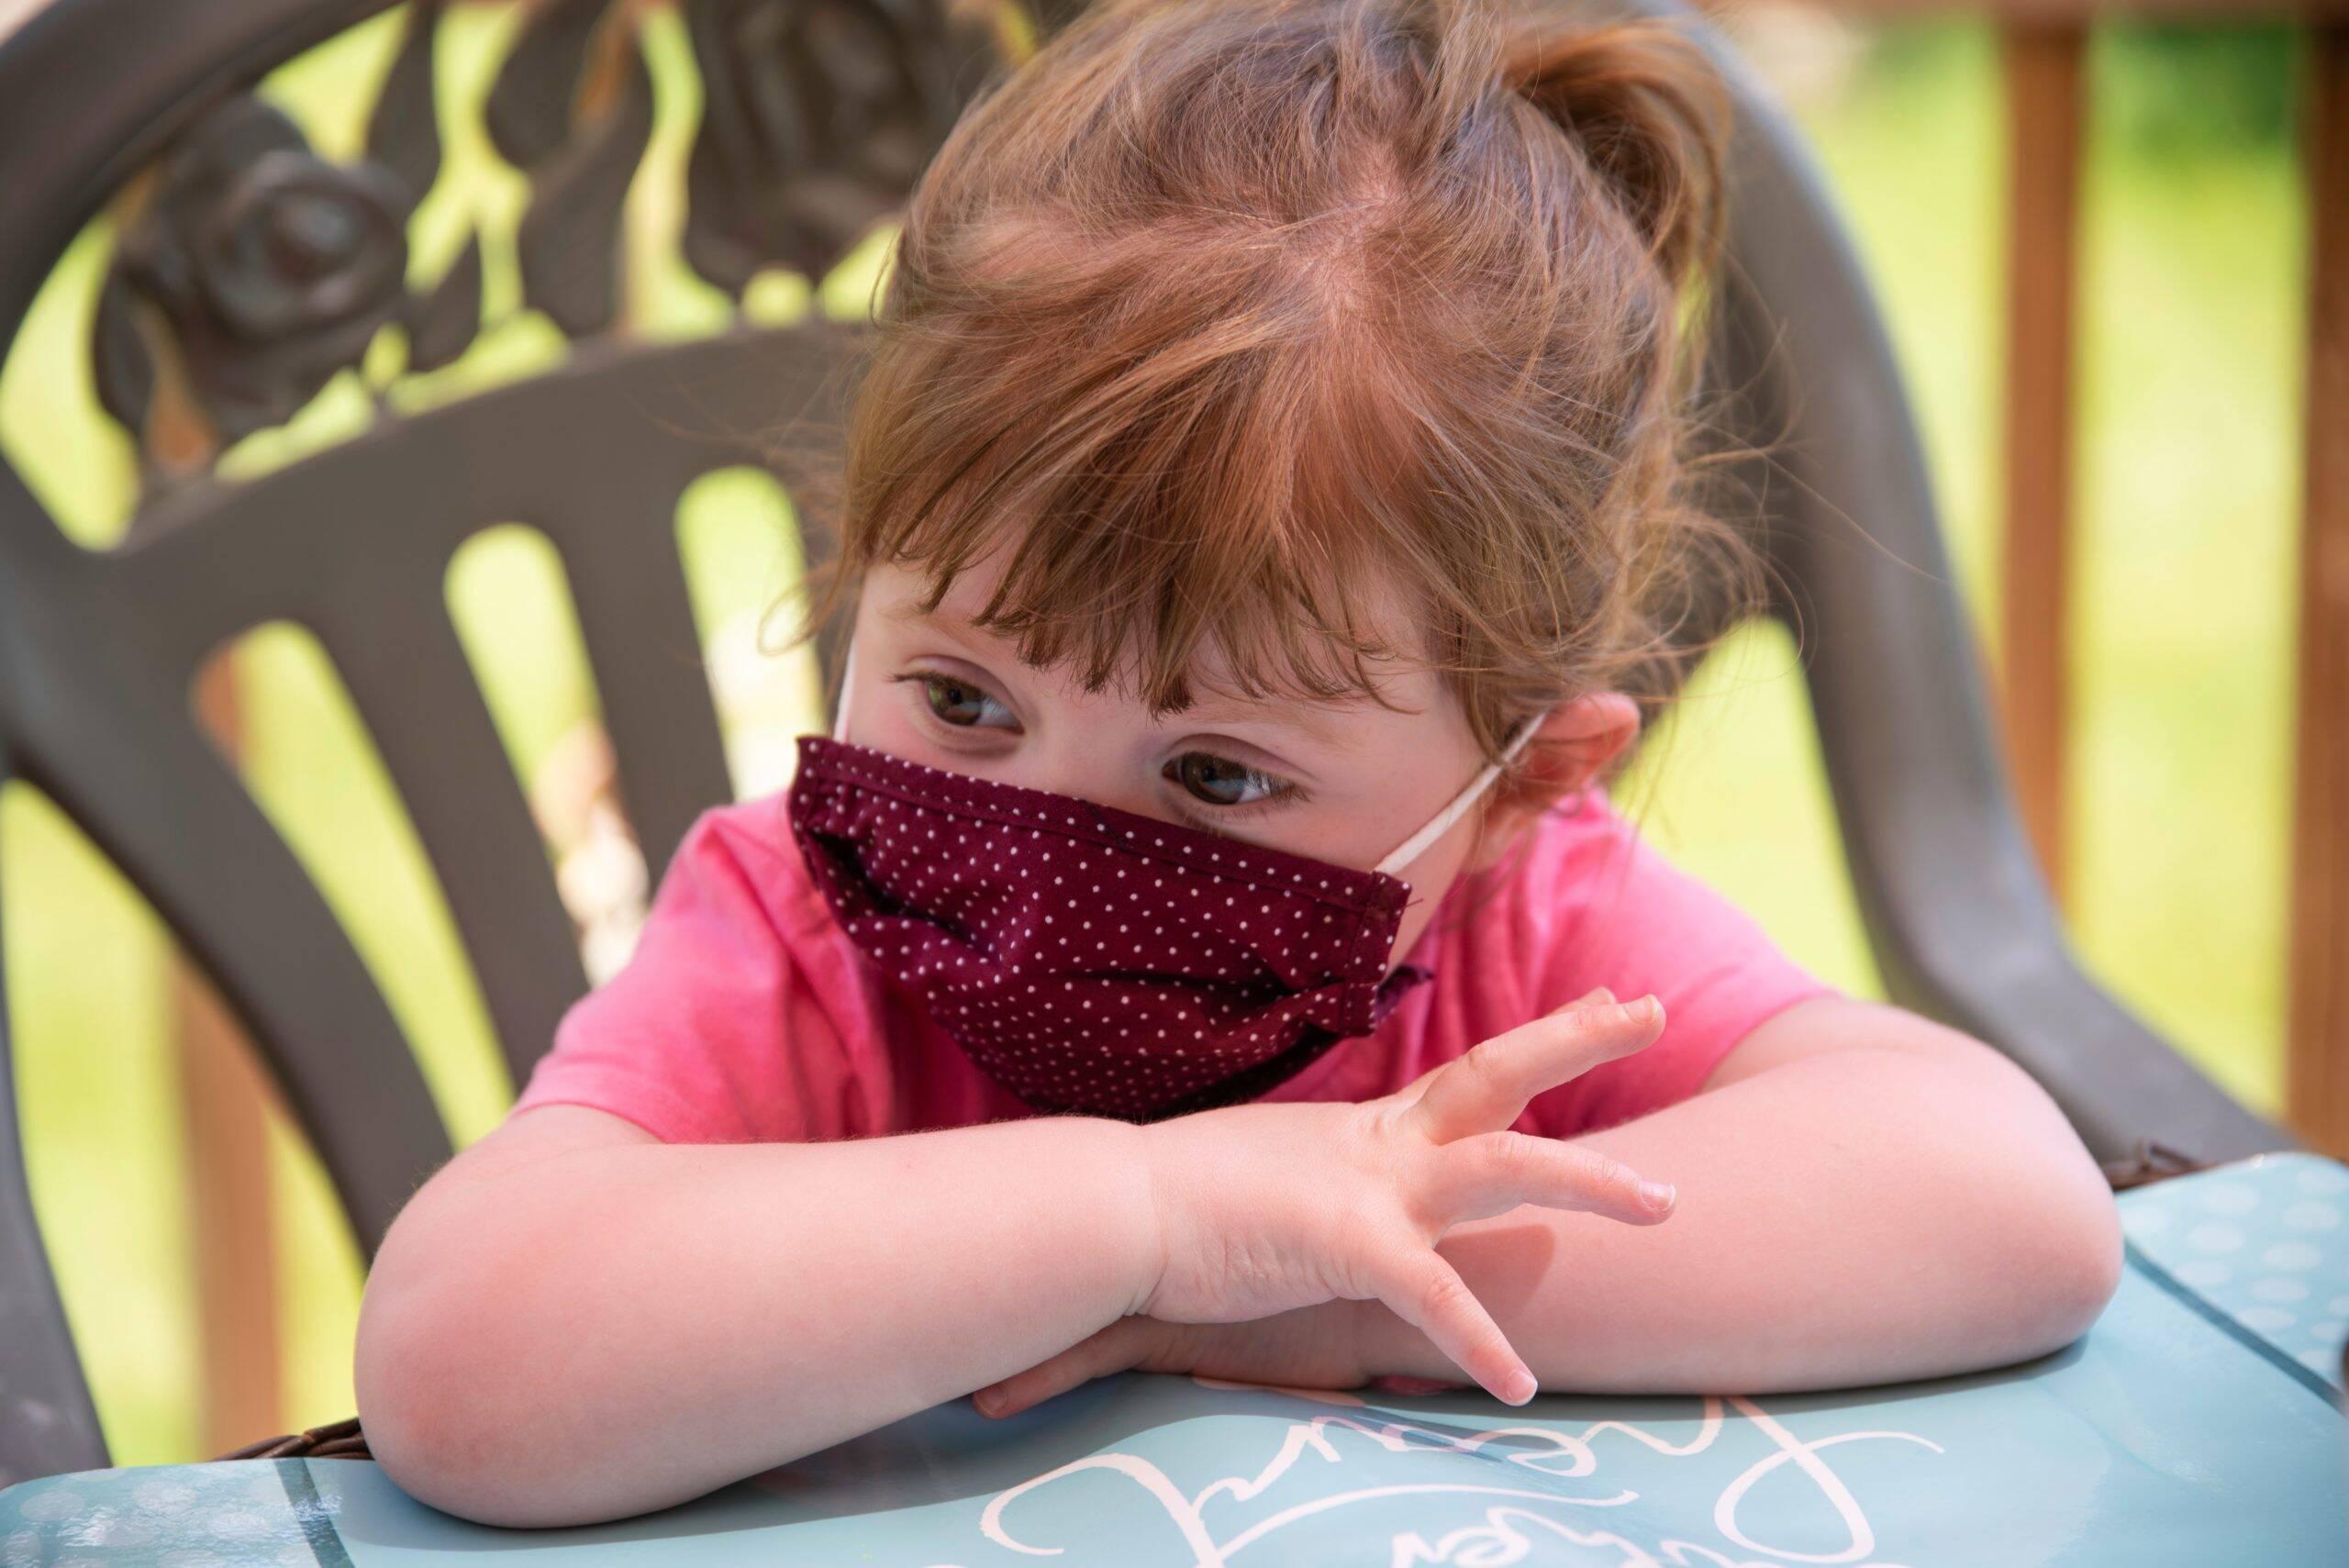 Síndrome rara ligada à covid-19 em crianças é registrada em Minas, Pernambuco e Ceará